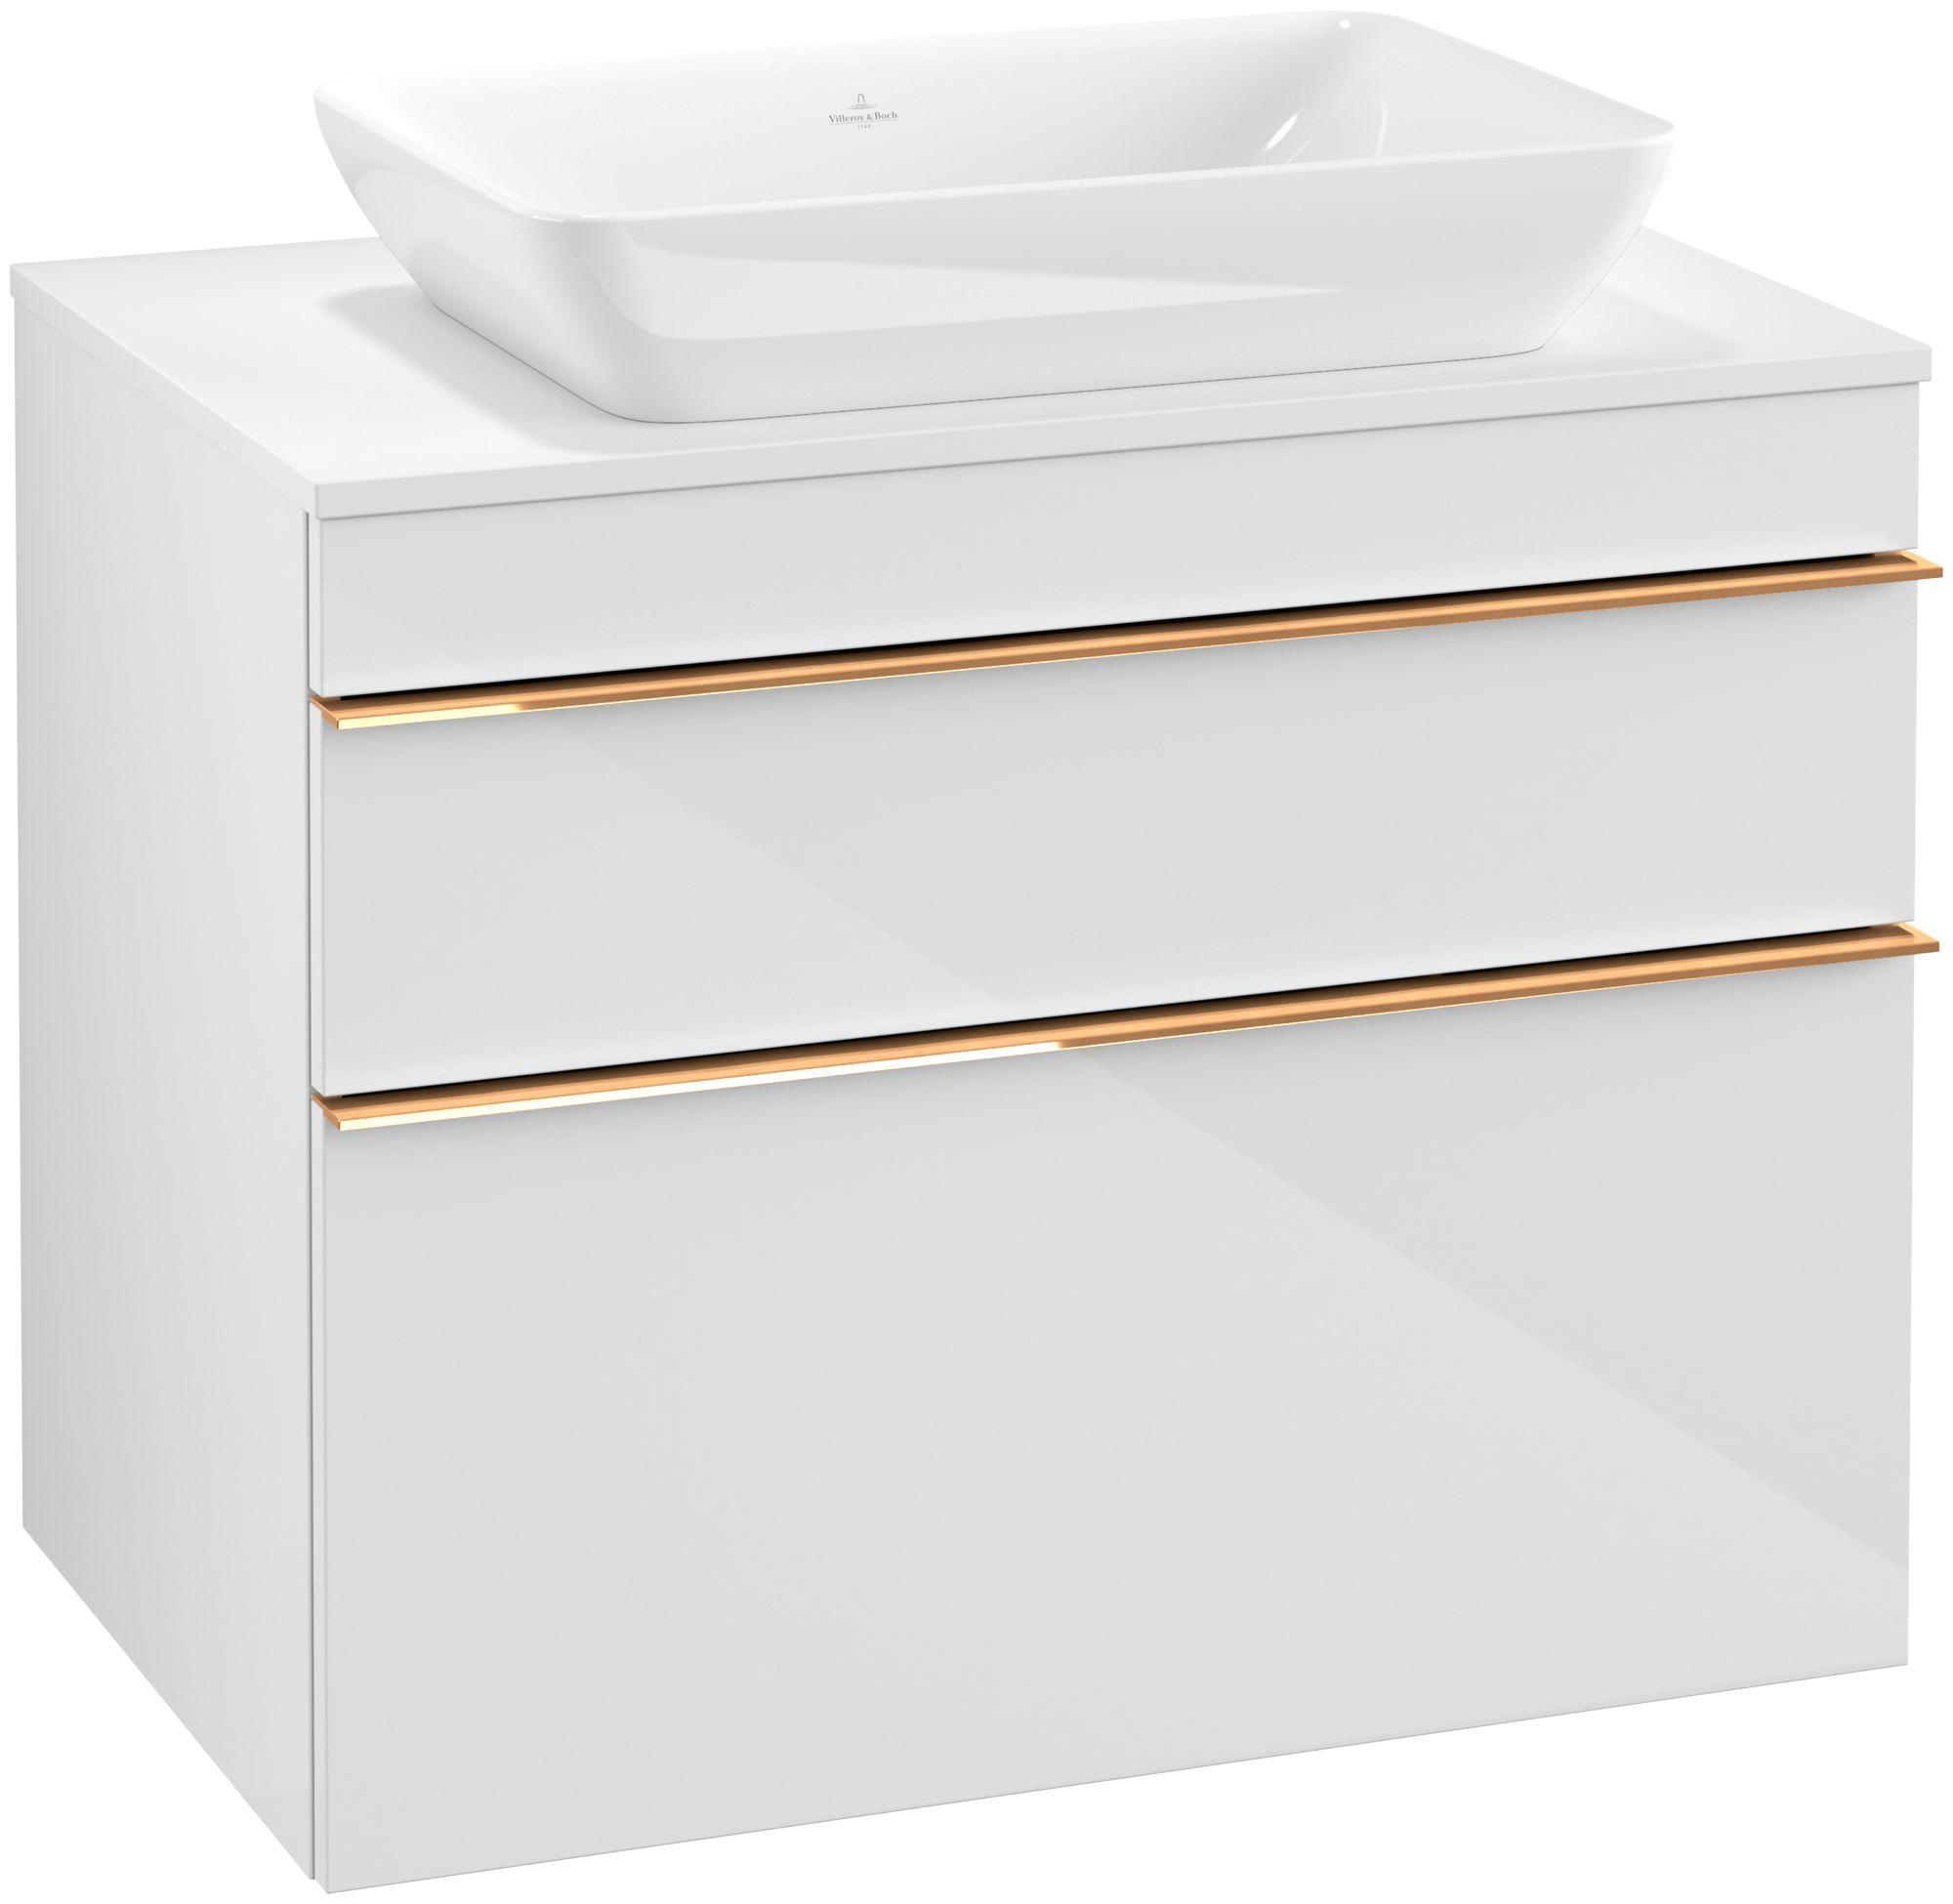 Villeroy & Boch Venticello Waschtischunterschrank für Waschtisch mittig 2 Auszüge B:75,7xH:60,6xT:50,2cm glossy white Griffe copper A94005DH